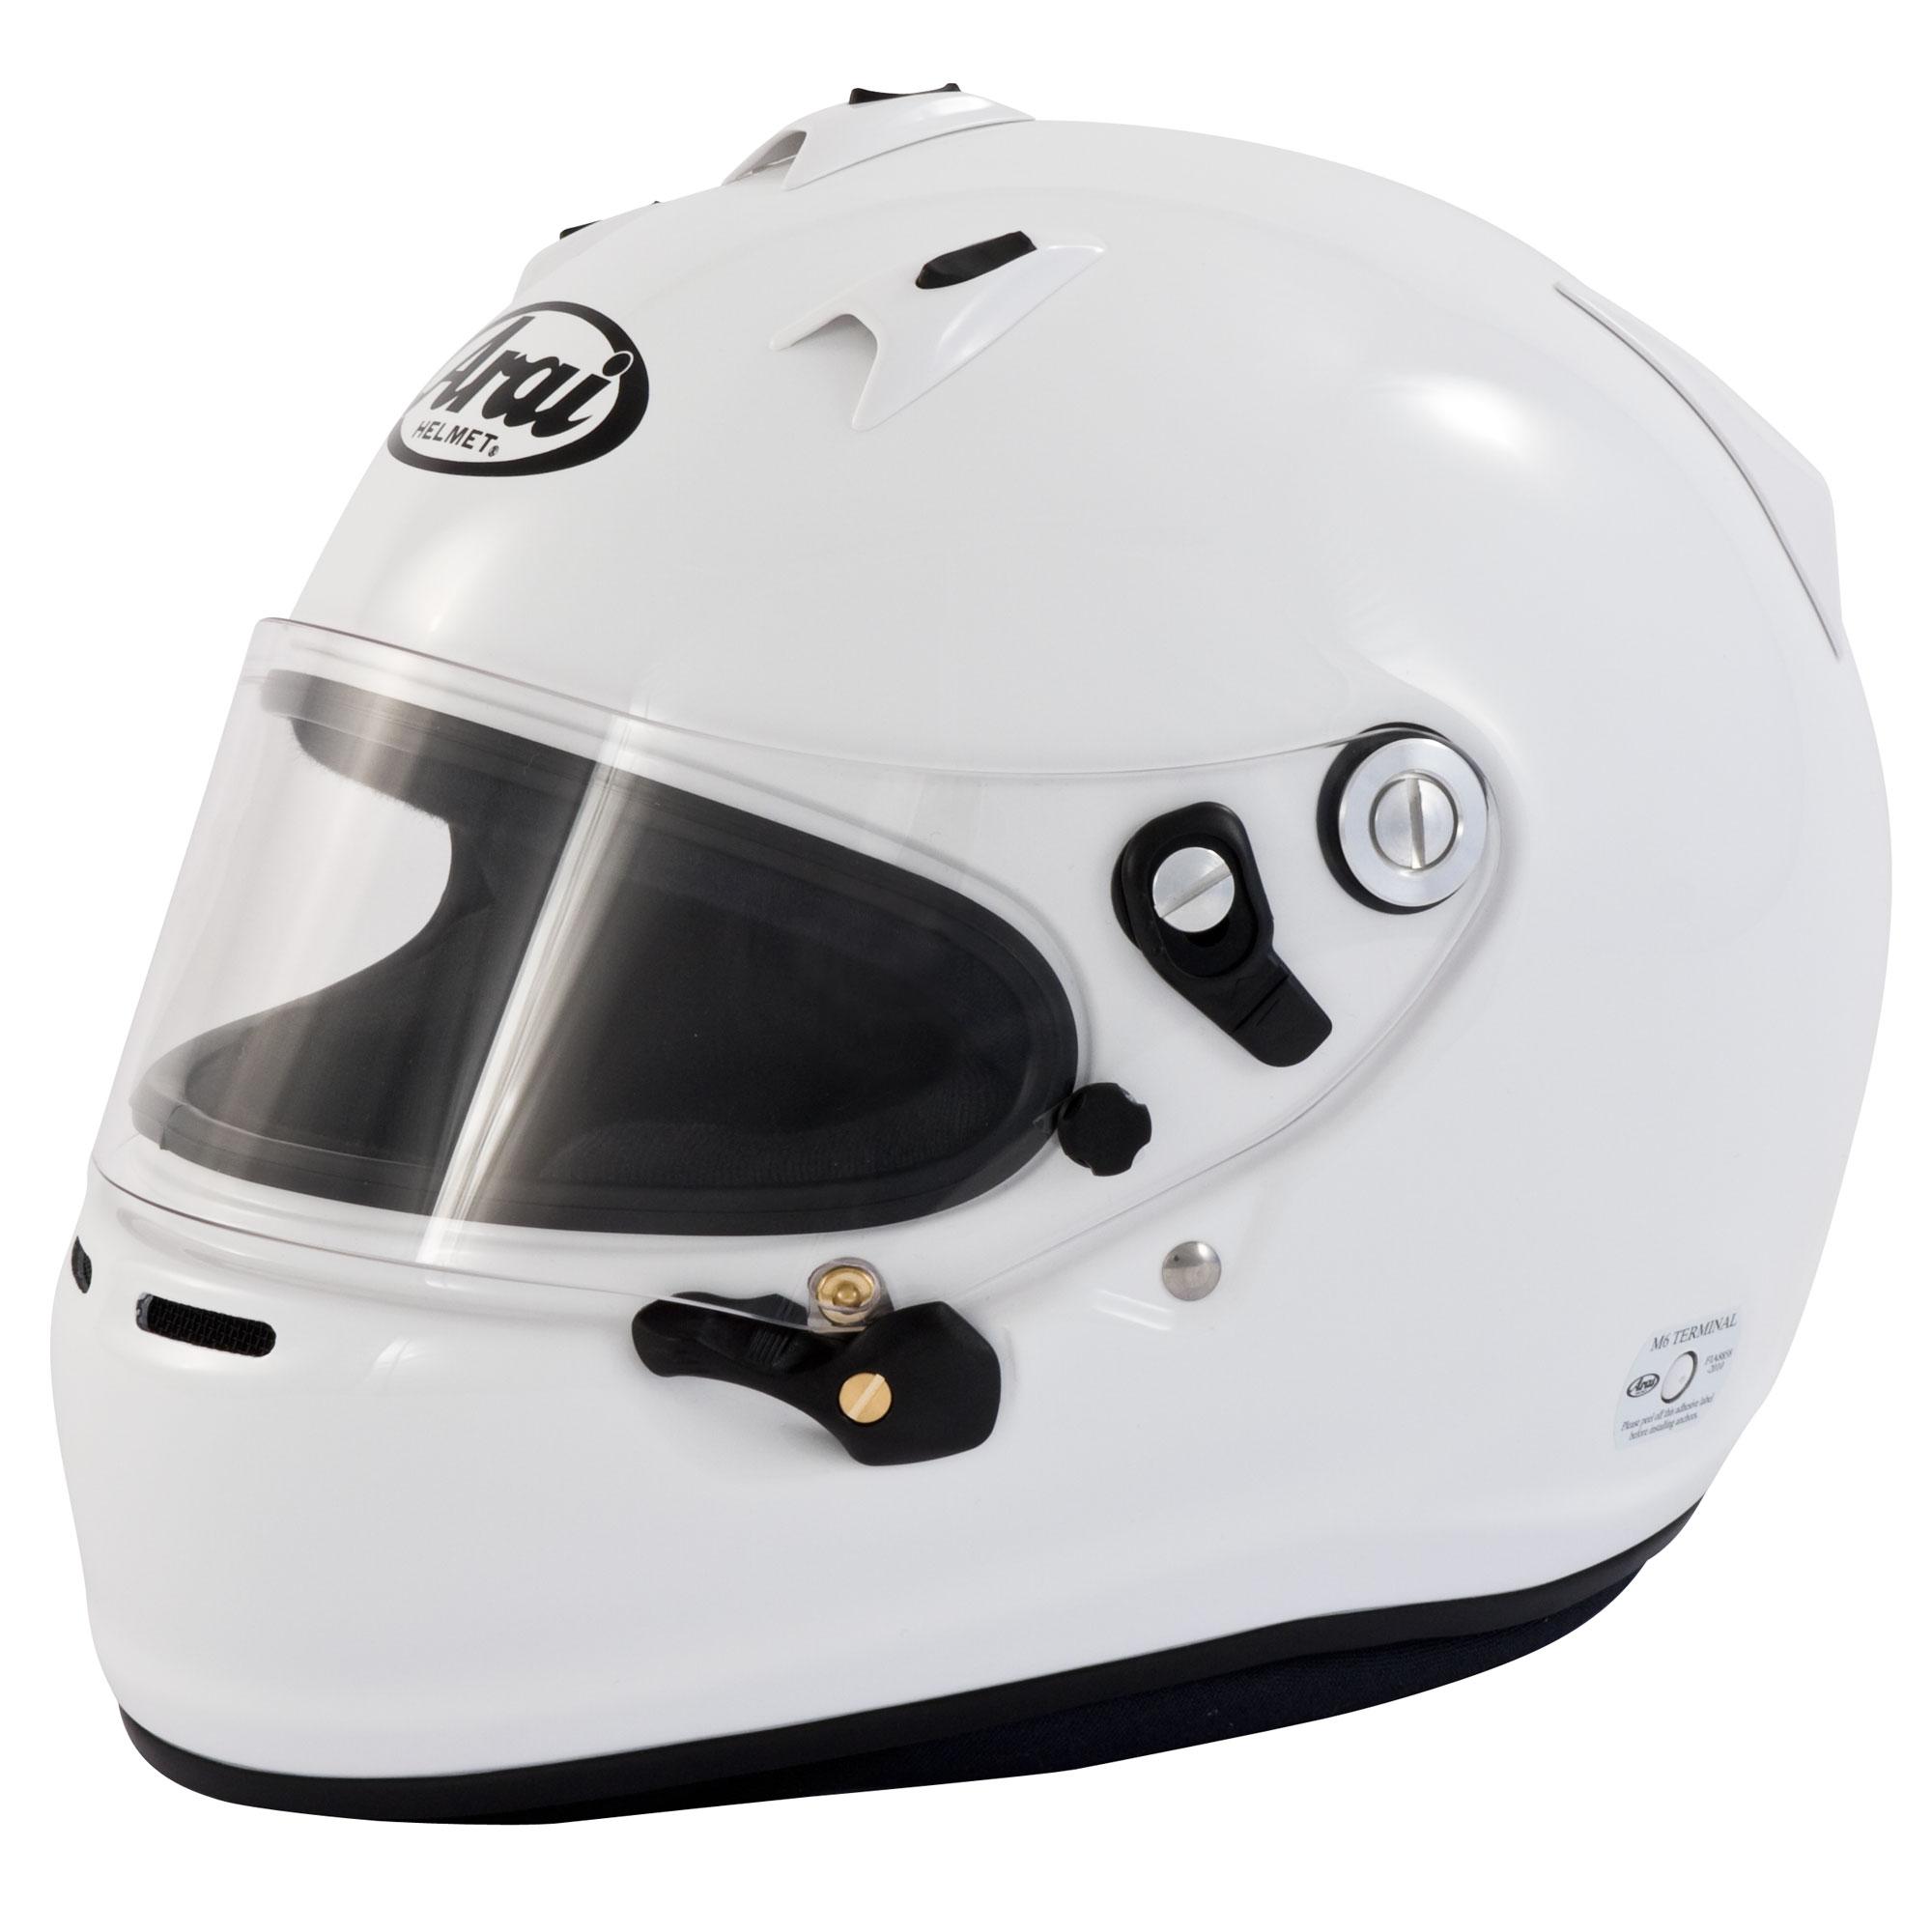 ara_gp-6_ped_helmet